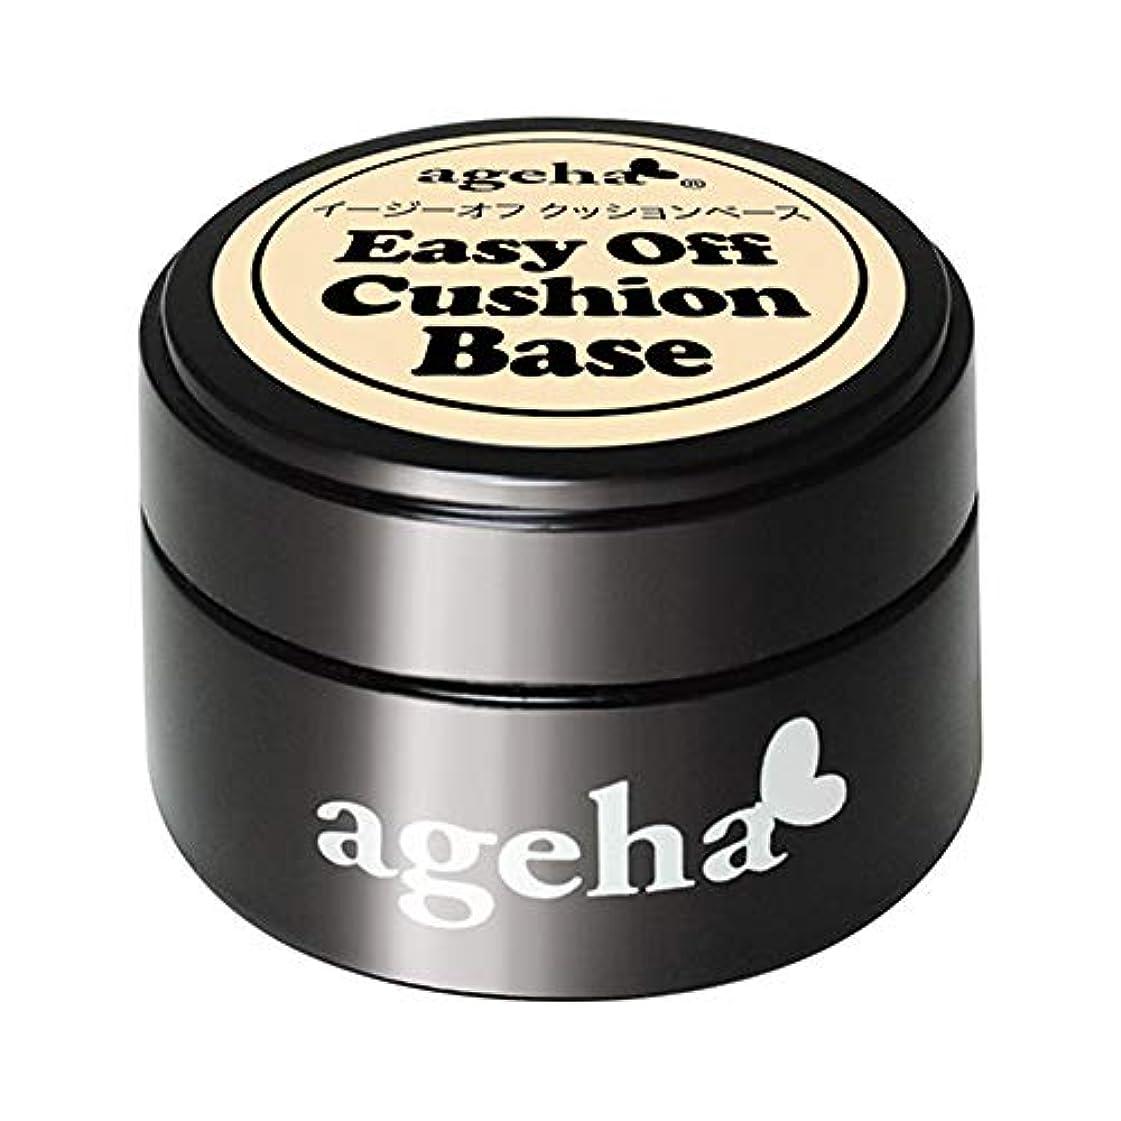 最初掃除反発agehagel(アゲハジェル) ageha イージーオフ クッションベース 7.5g UV/LED対応 ジェルネイル